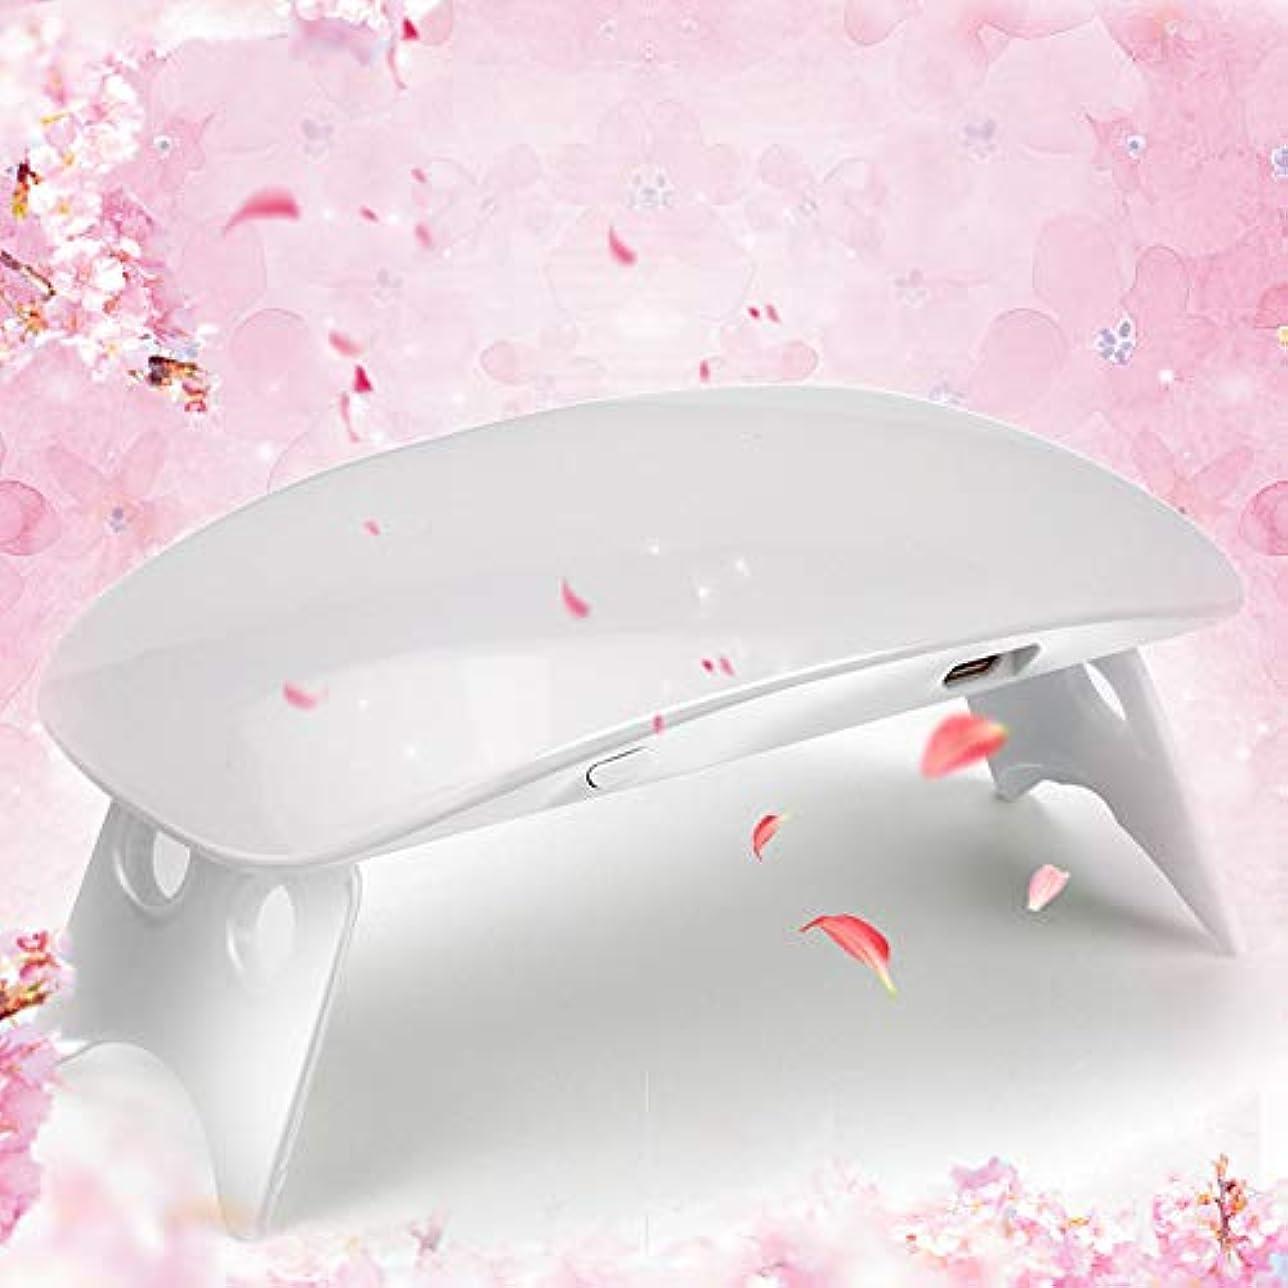 Twinkle Store 6W ホワイト ネイルドライヤー ネイルデザイン ネイルライト 硬化用ライト ネイルアートツール